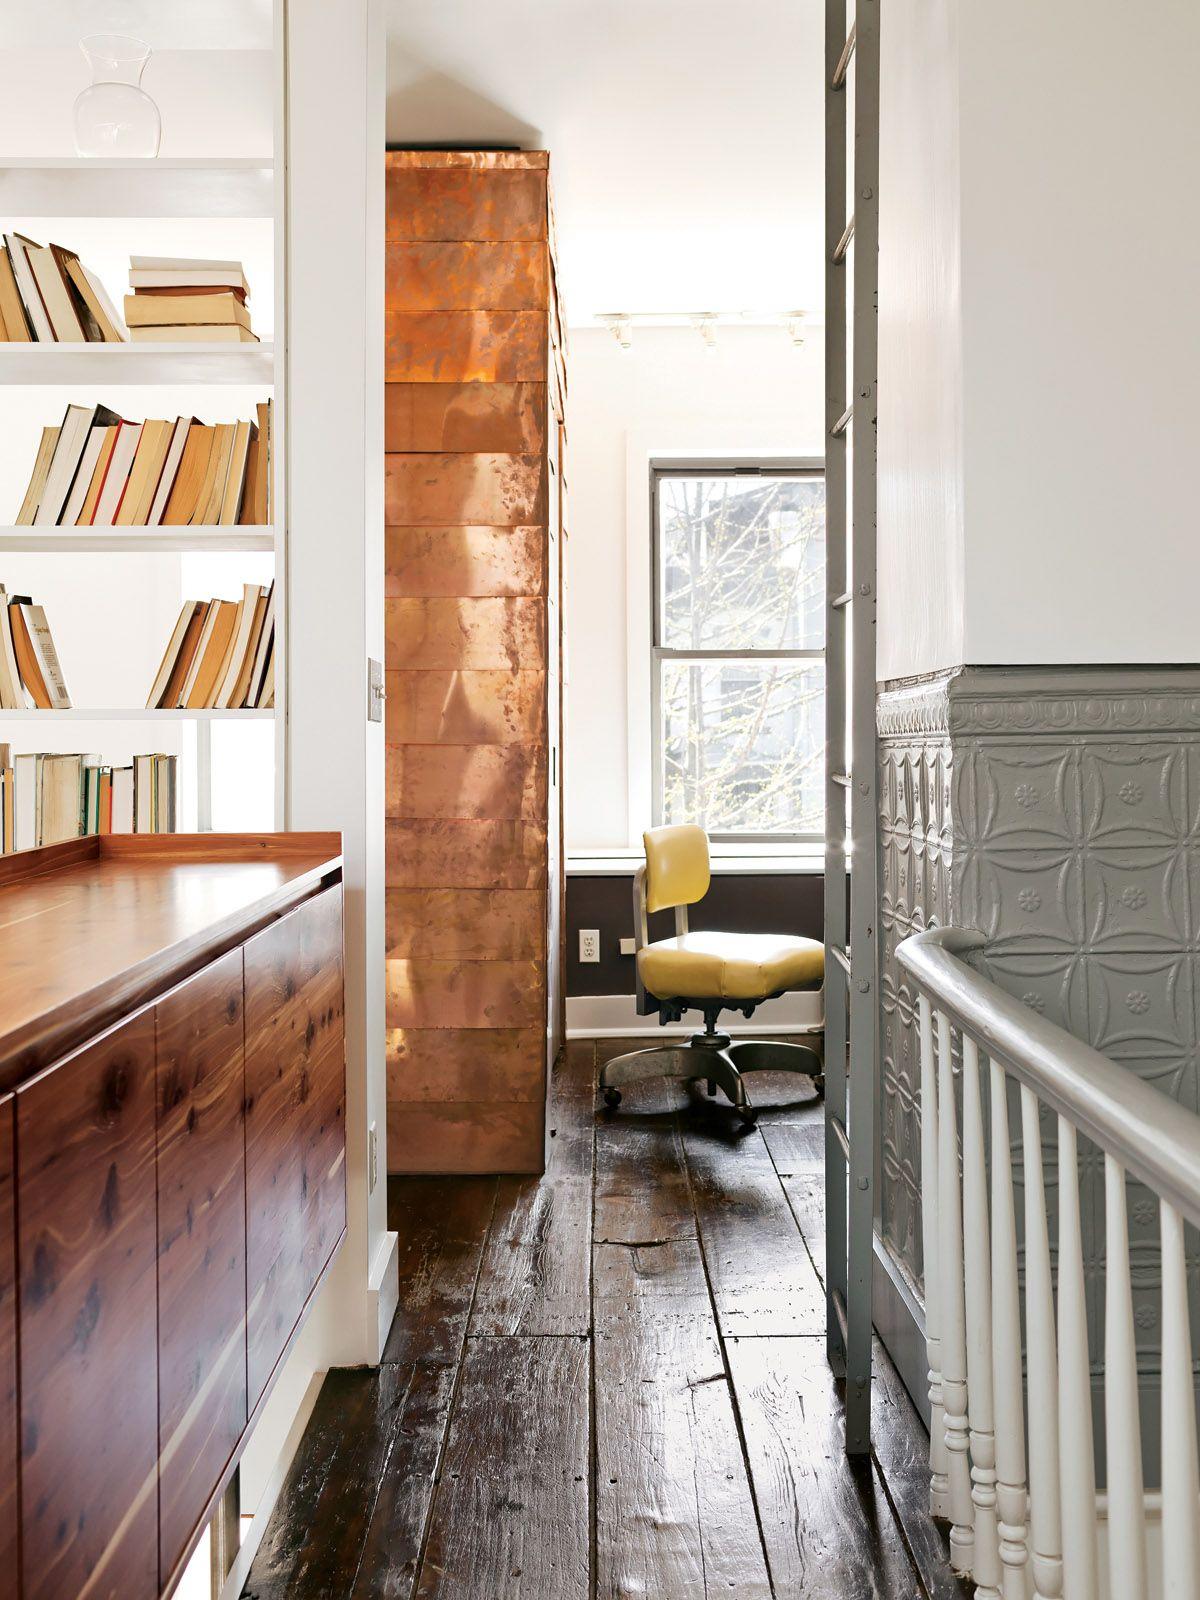 Inspiratie: koper in je #interieur. Omdat koper zo mooi en veelzijdig materiaal is, hebben we de mooiste en meest bijzondere koperen meubels en woonaccessoires verzameld. Je kunt zelfs koper op je muur of wand verwerken! Super gaaf toch!?